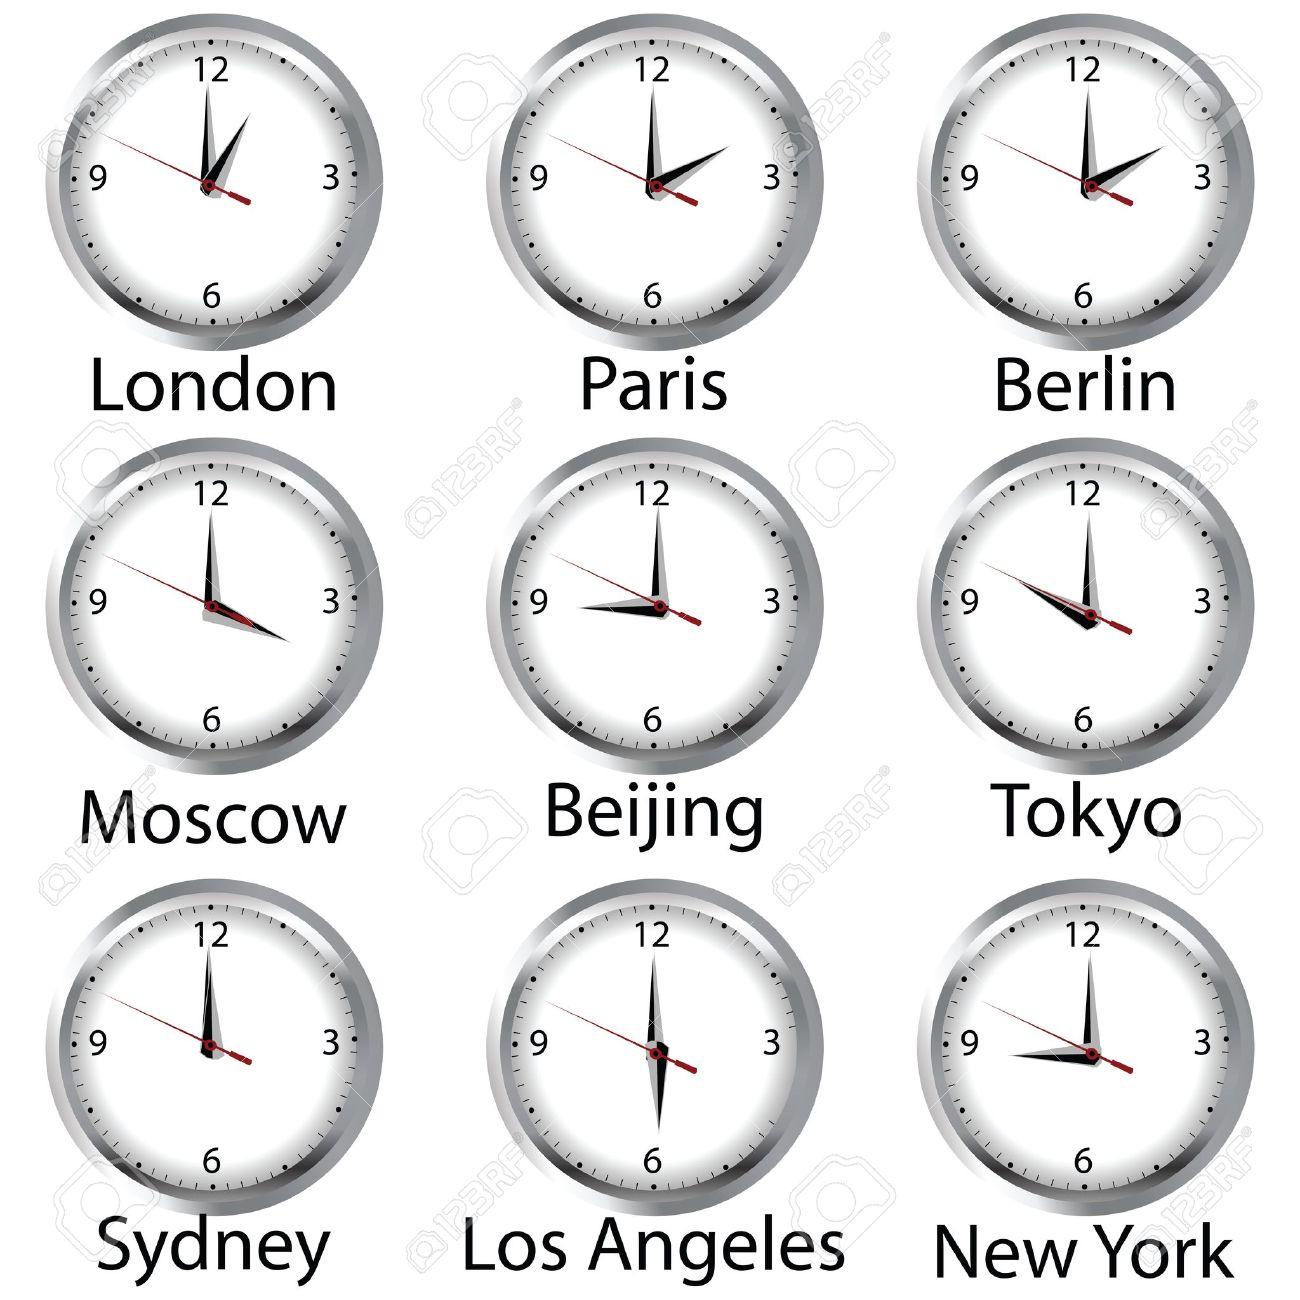 Fusi orari nel mondo rispetto l'Italia